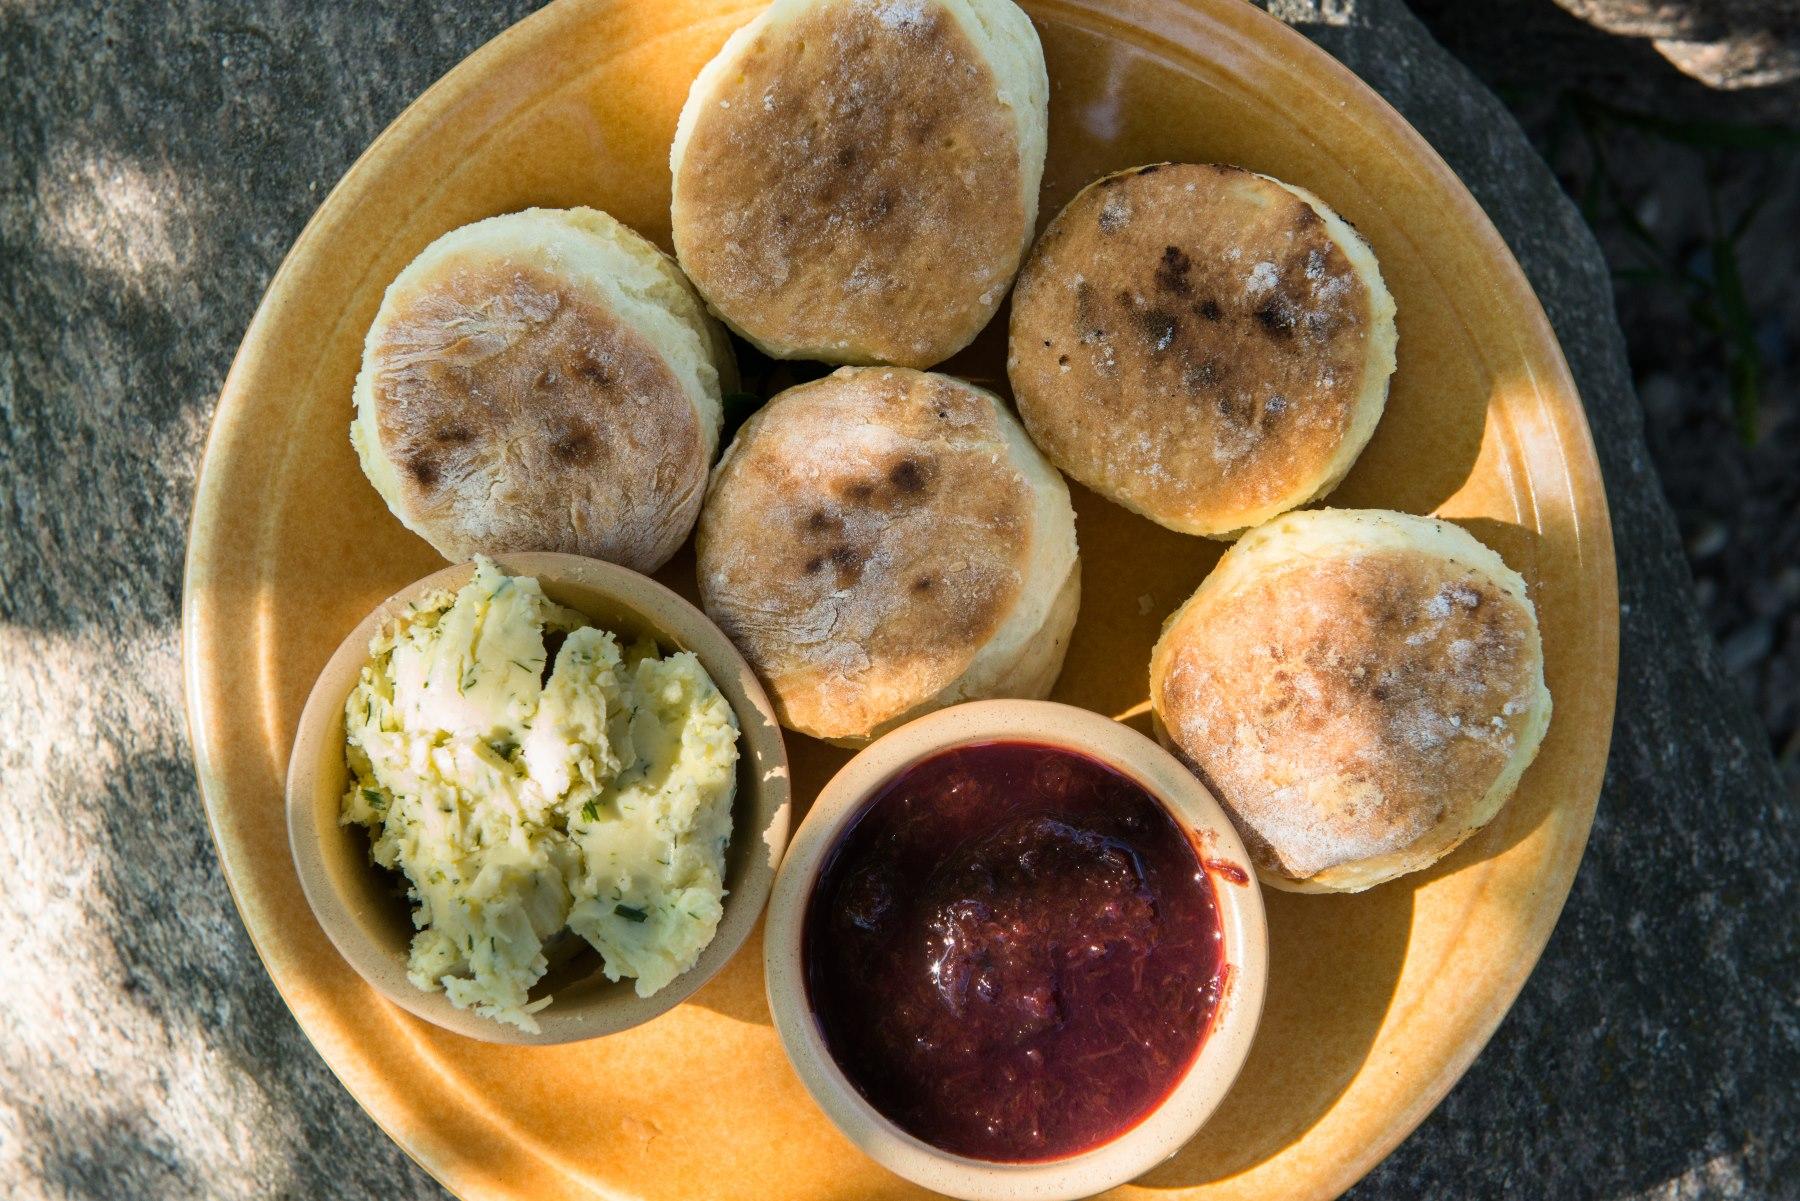 Regionalne danie proziaki - bułeczki i sosy na talerzu